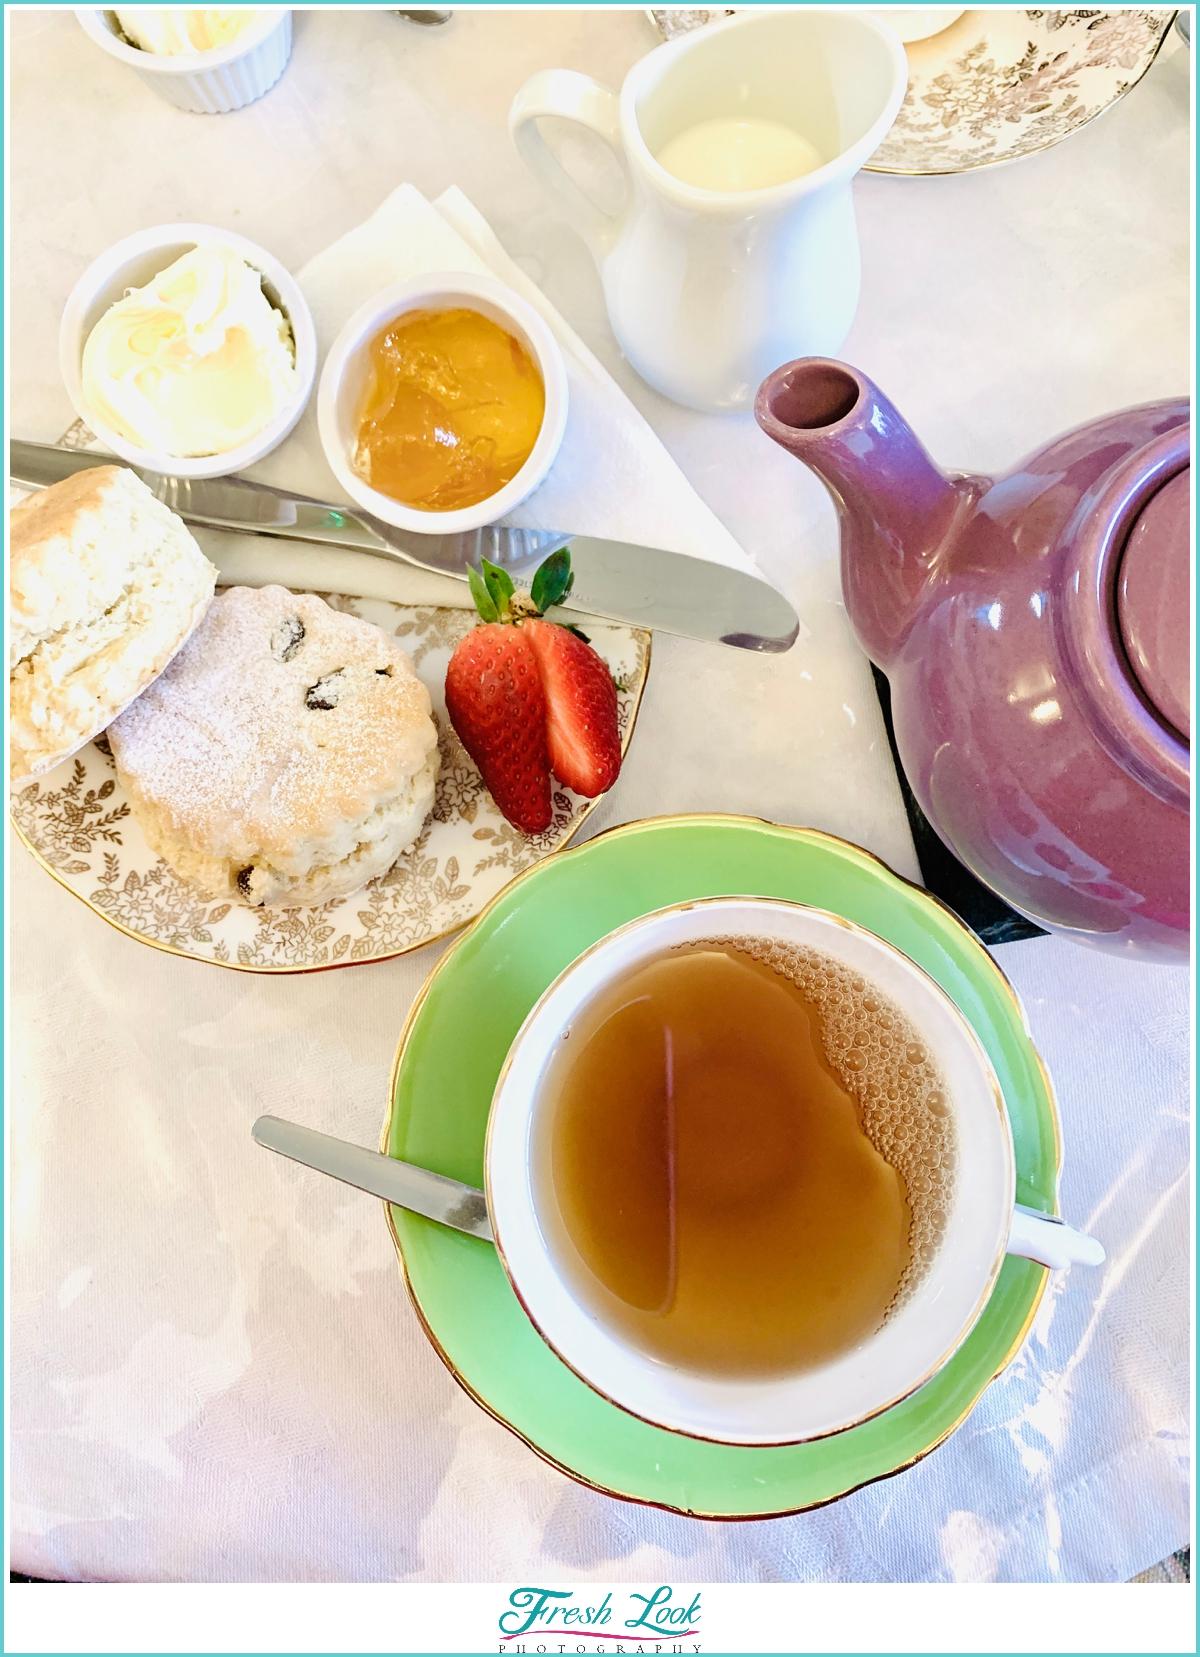 Cream Tea with Clotted Cream and Scones